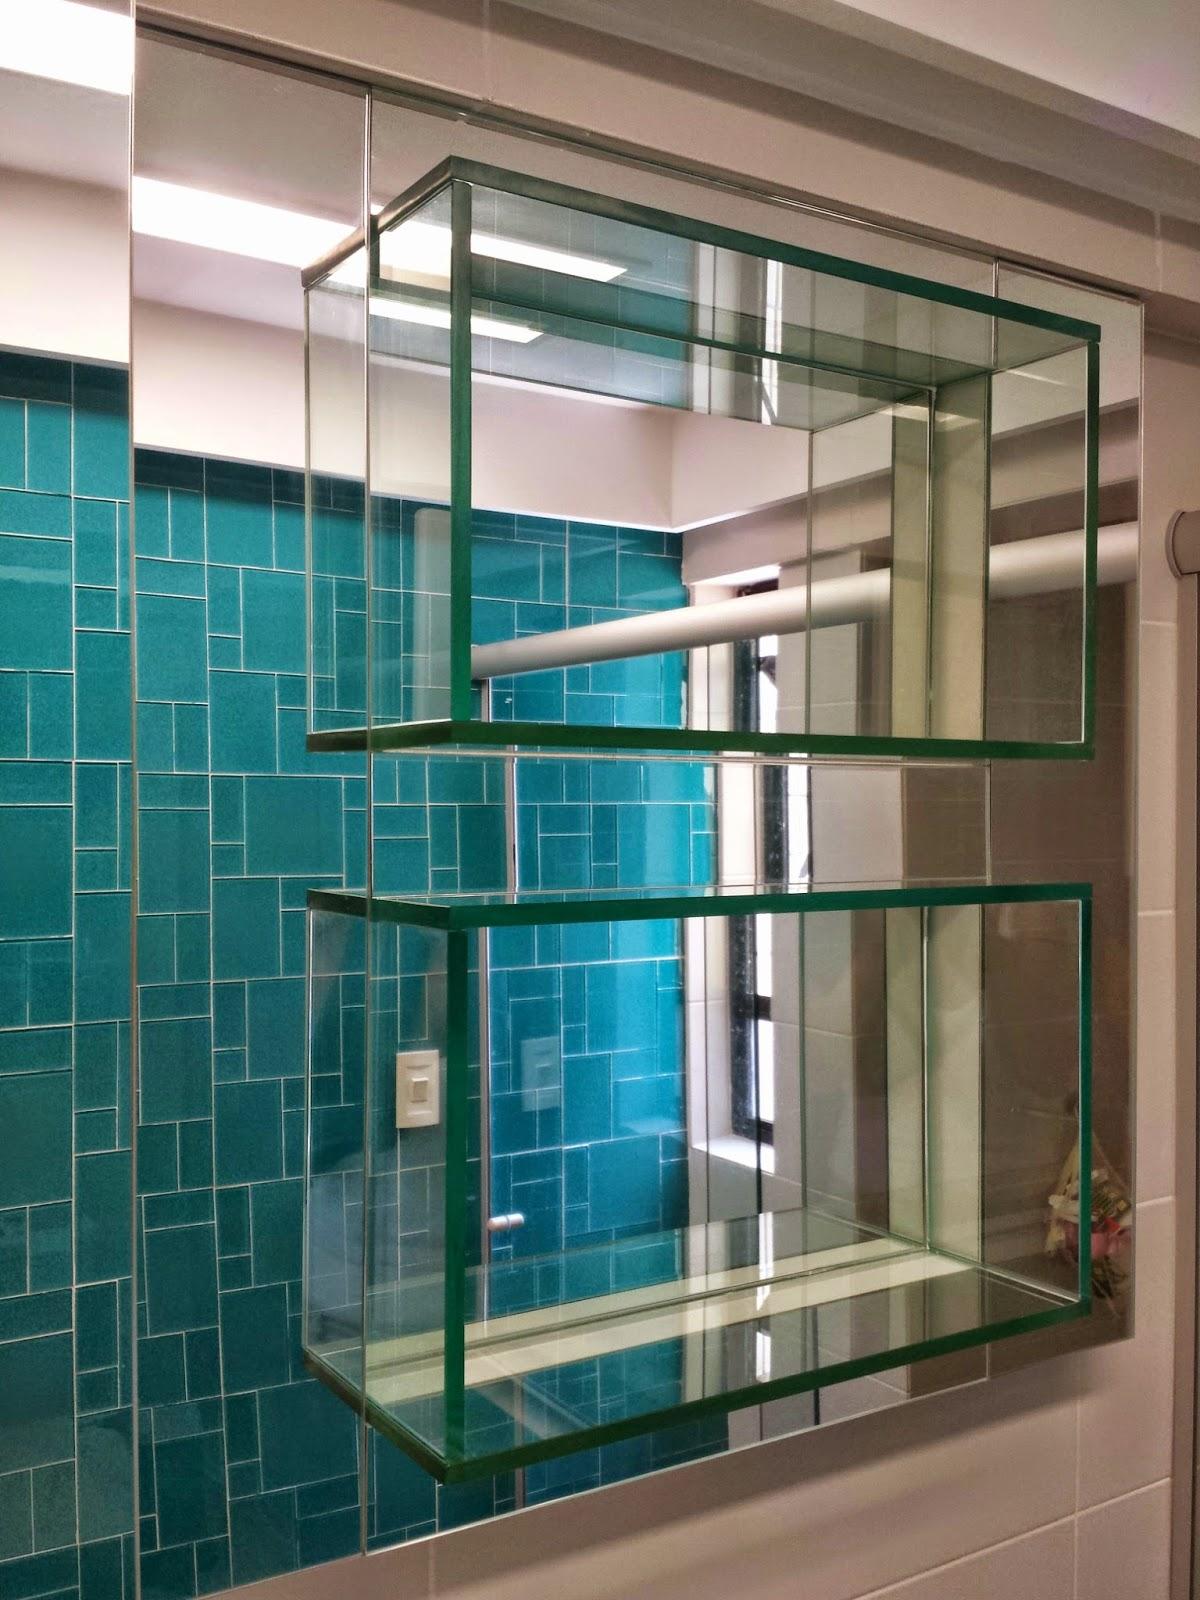 vidraçaria itaim bibi pinheiros: nicho de vidro para banheiro #1E91AD 1200 1600